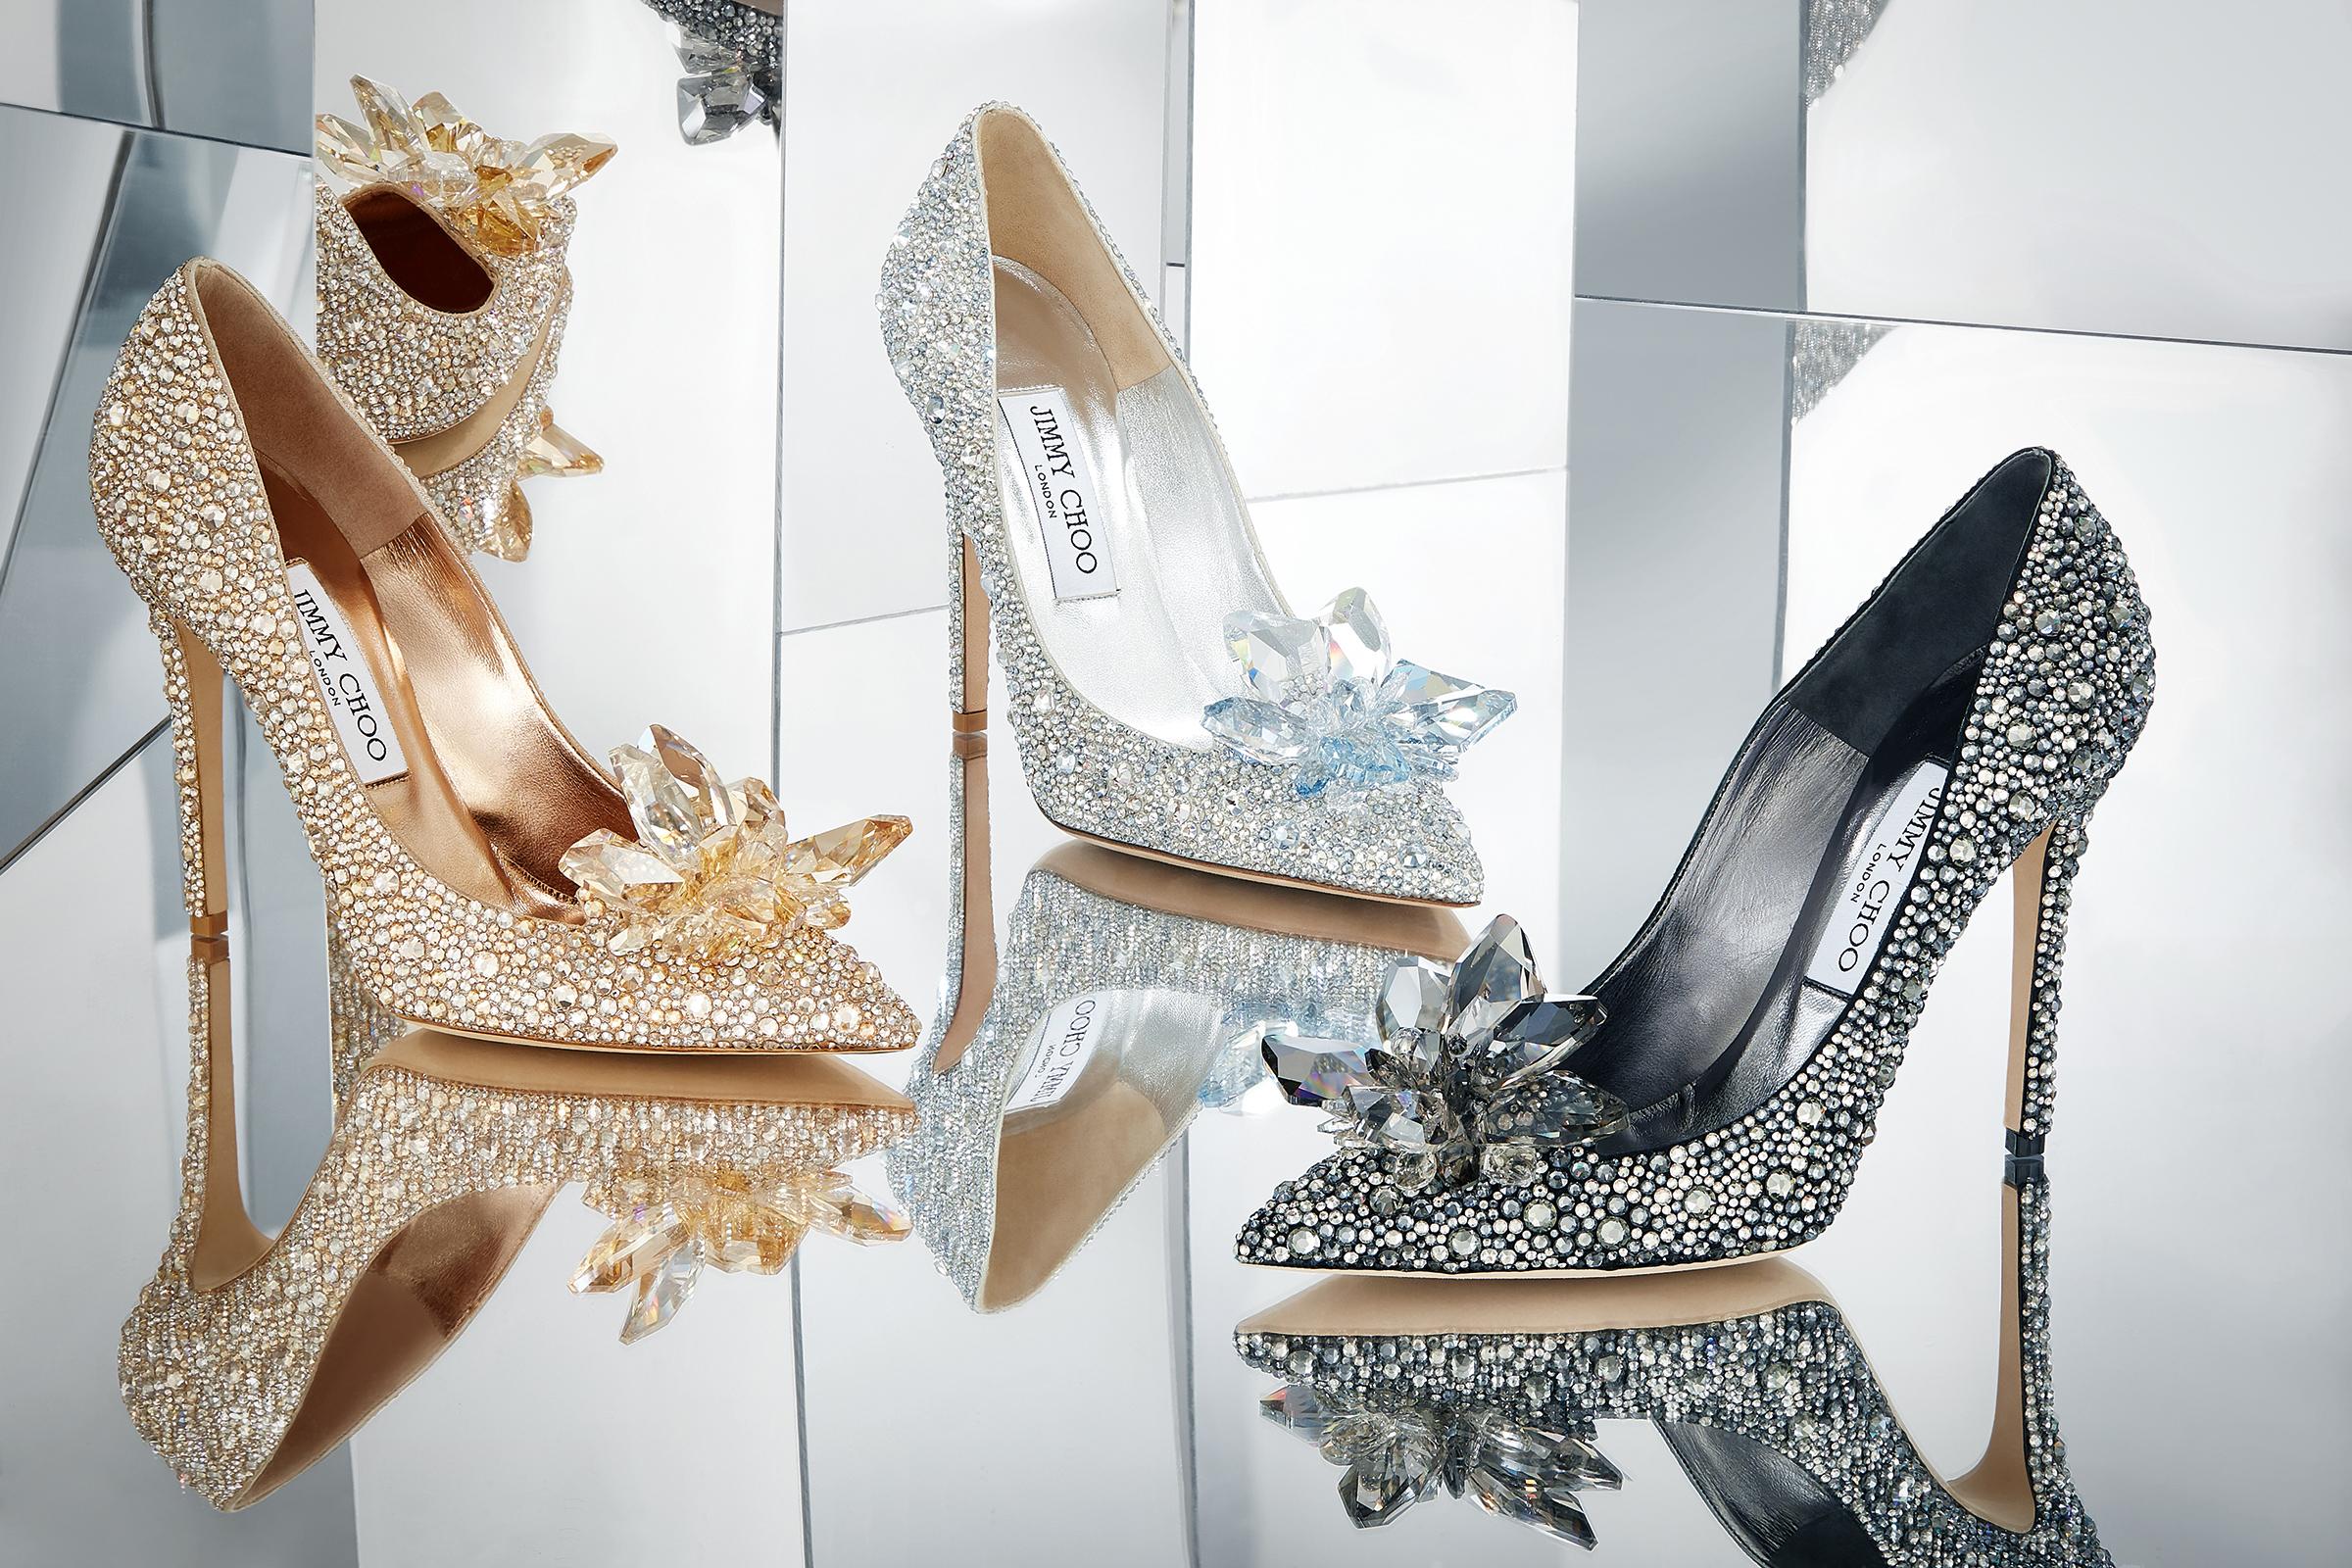 eba8fb1b0eb Cinderella heels from Jimmy Choo